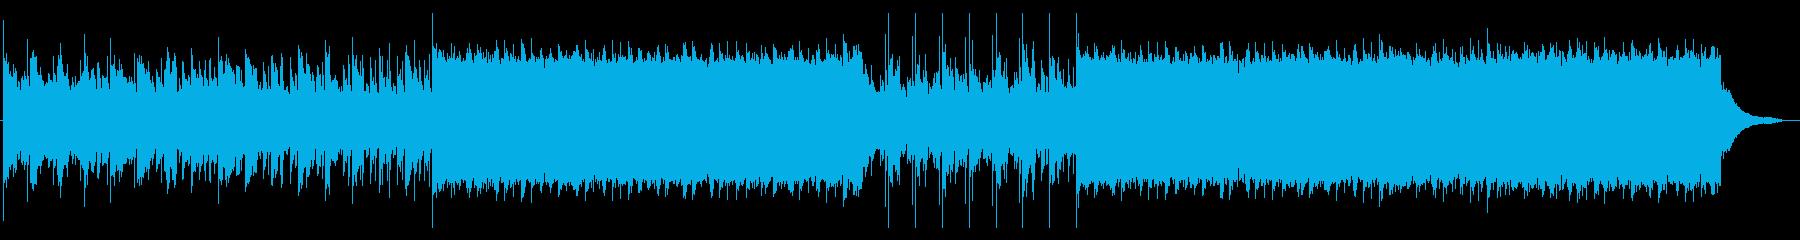 ホラー・緊張感・不気味・ダーク の再生済みの波形